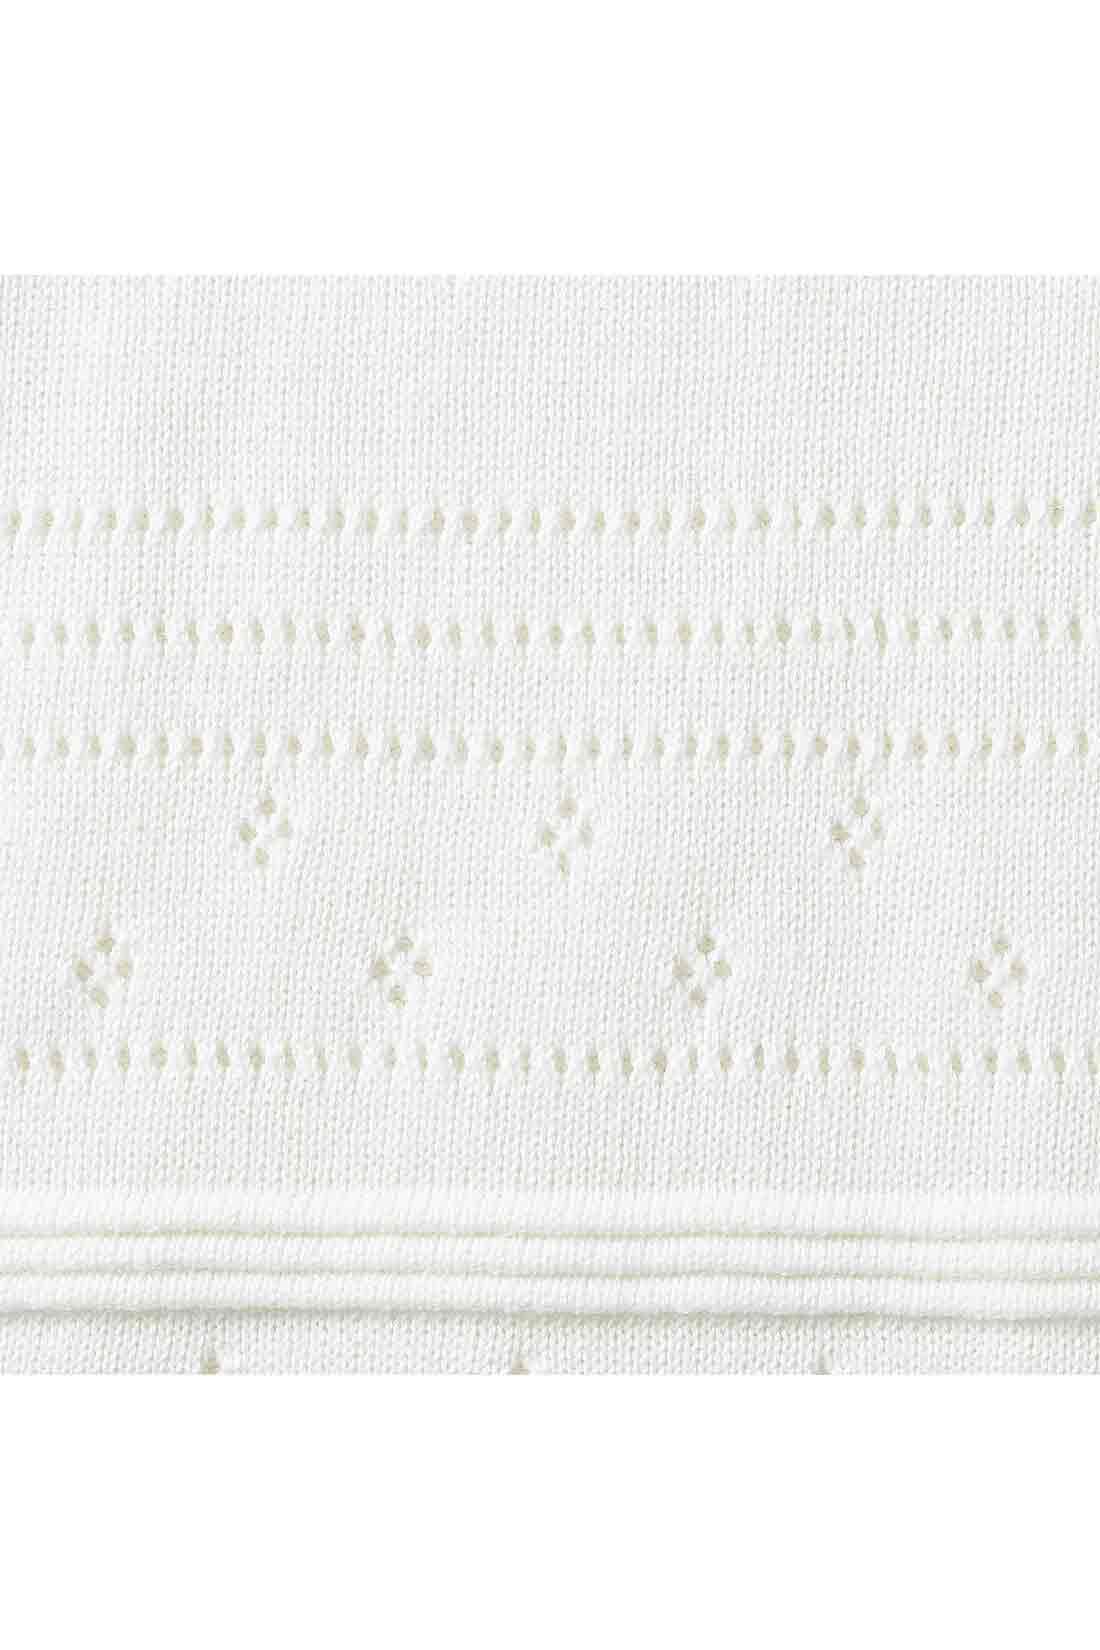 お花のような繊細なアイレットがキュート。 編み地を切り替えてボーダー状にあしらったり、アイレットの花を咲かせたりと、一枚で着映えするデザインも◎。素材はさらりとしたコットン100%ニット。肌ざわりよく、暑い時期から心地よく快適。